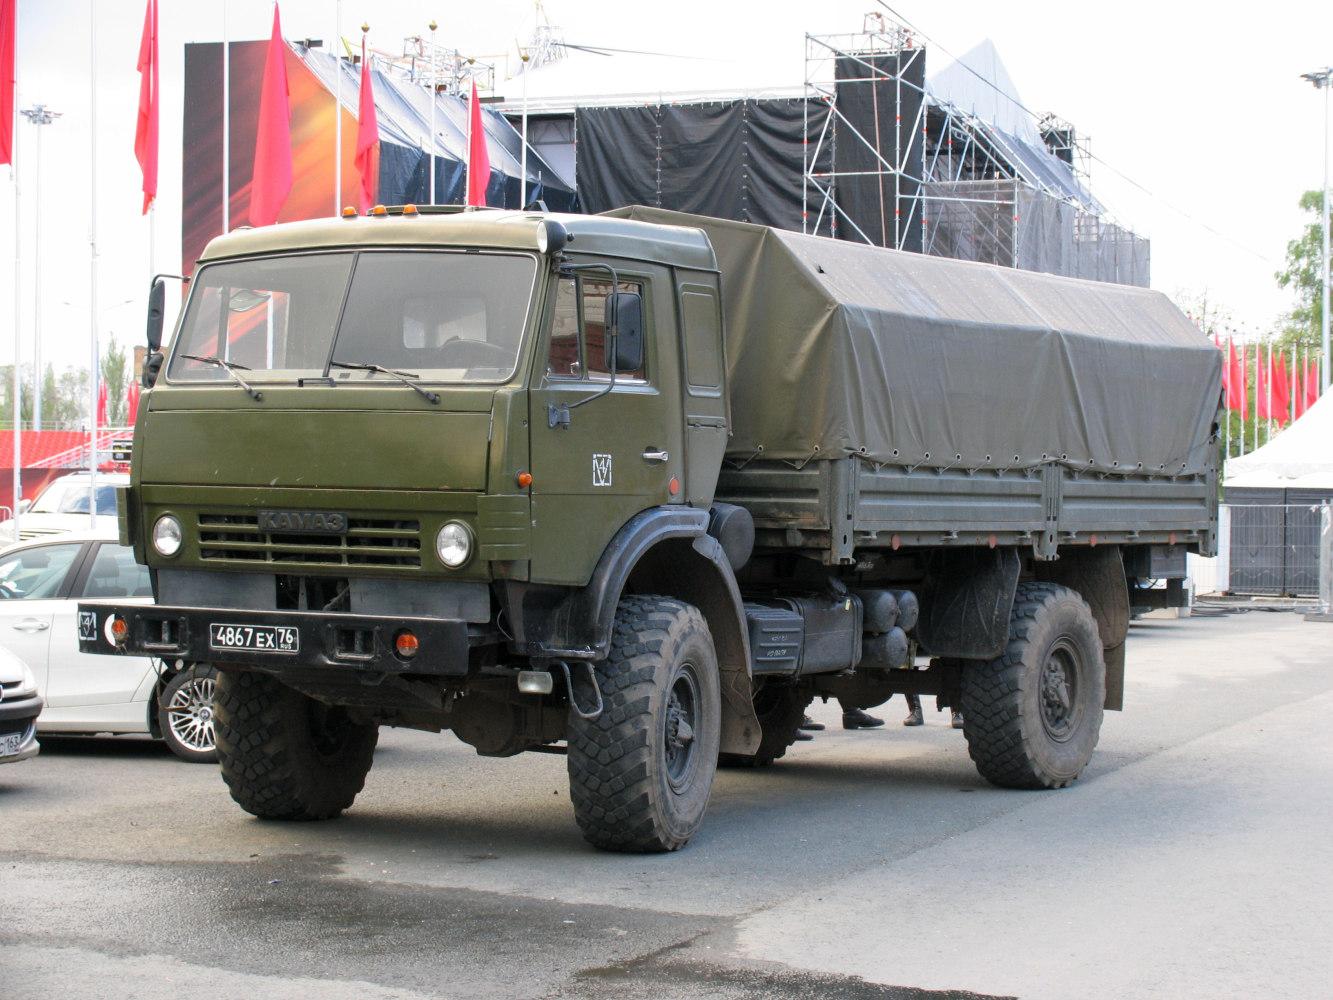 бортовой грузовой автомобиль повышенной проходимости КамАЗ-4326 #4867ЕХ76. г. Самара, ул. Чапаевская